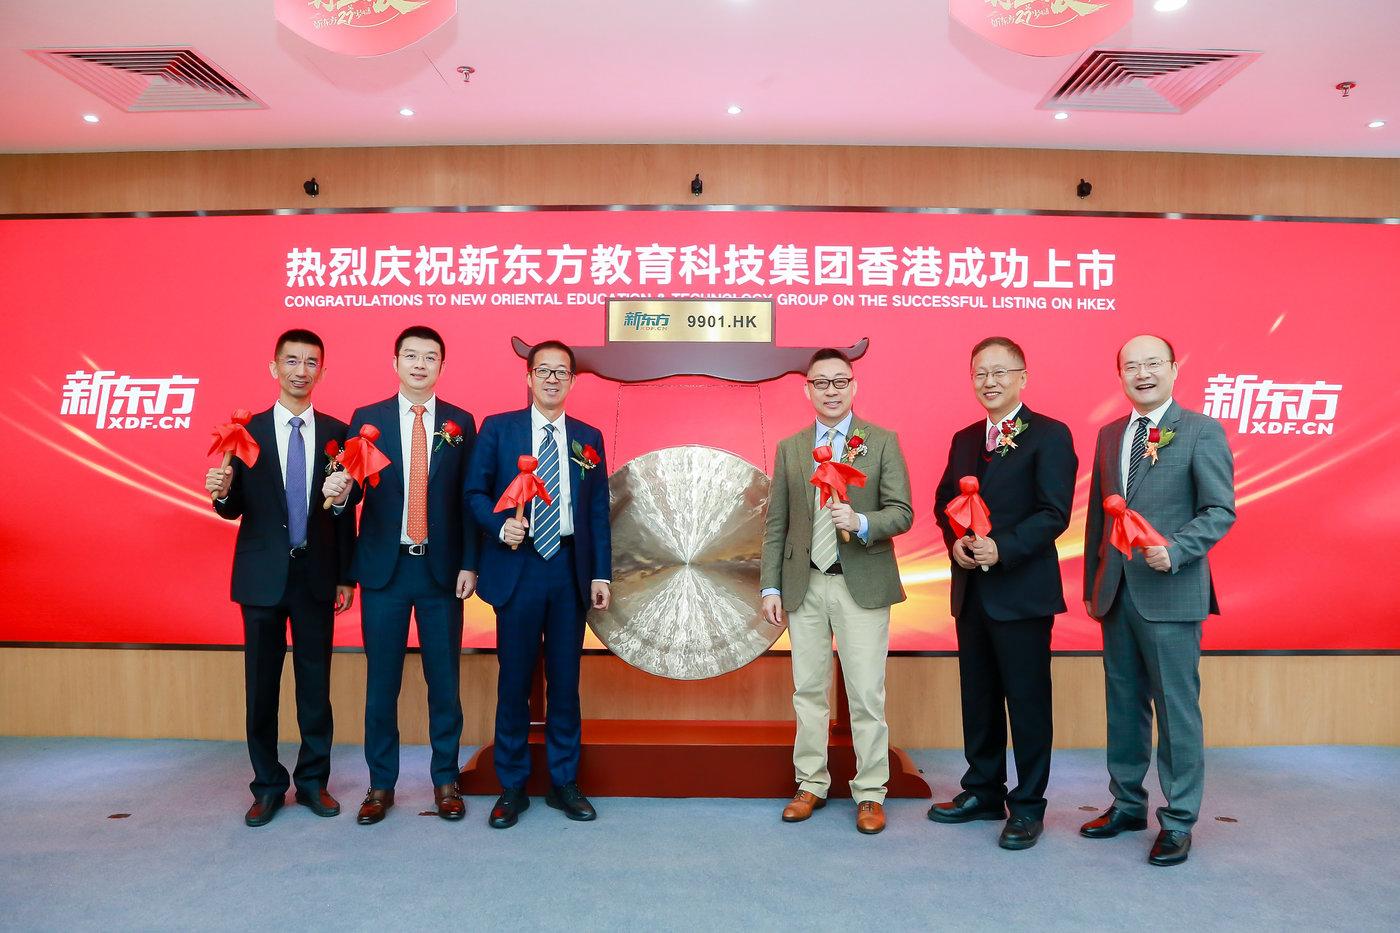 新东方在北京集团总部举行香港上市仪式敲锣嘉宾,左起:孙东旭、杨志辉、俞敏洪、周成刚、杨壮、张戈